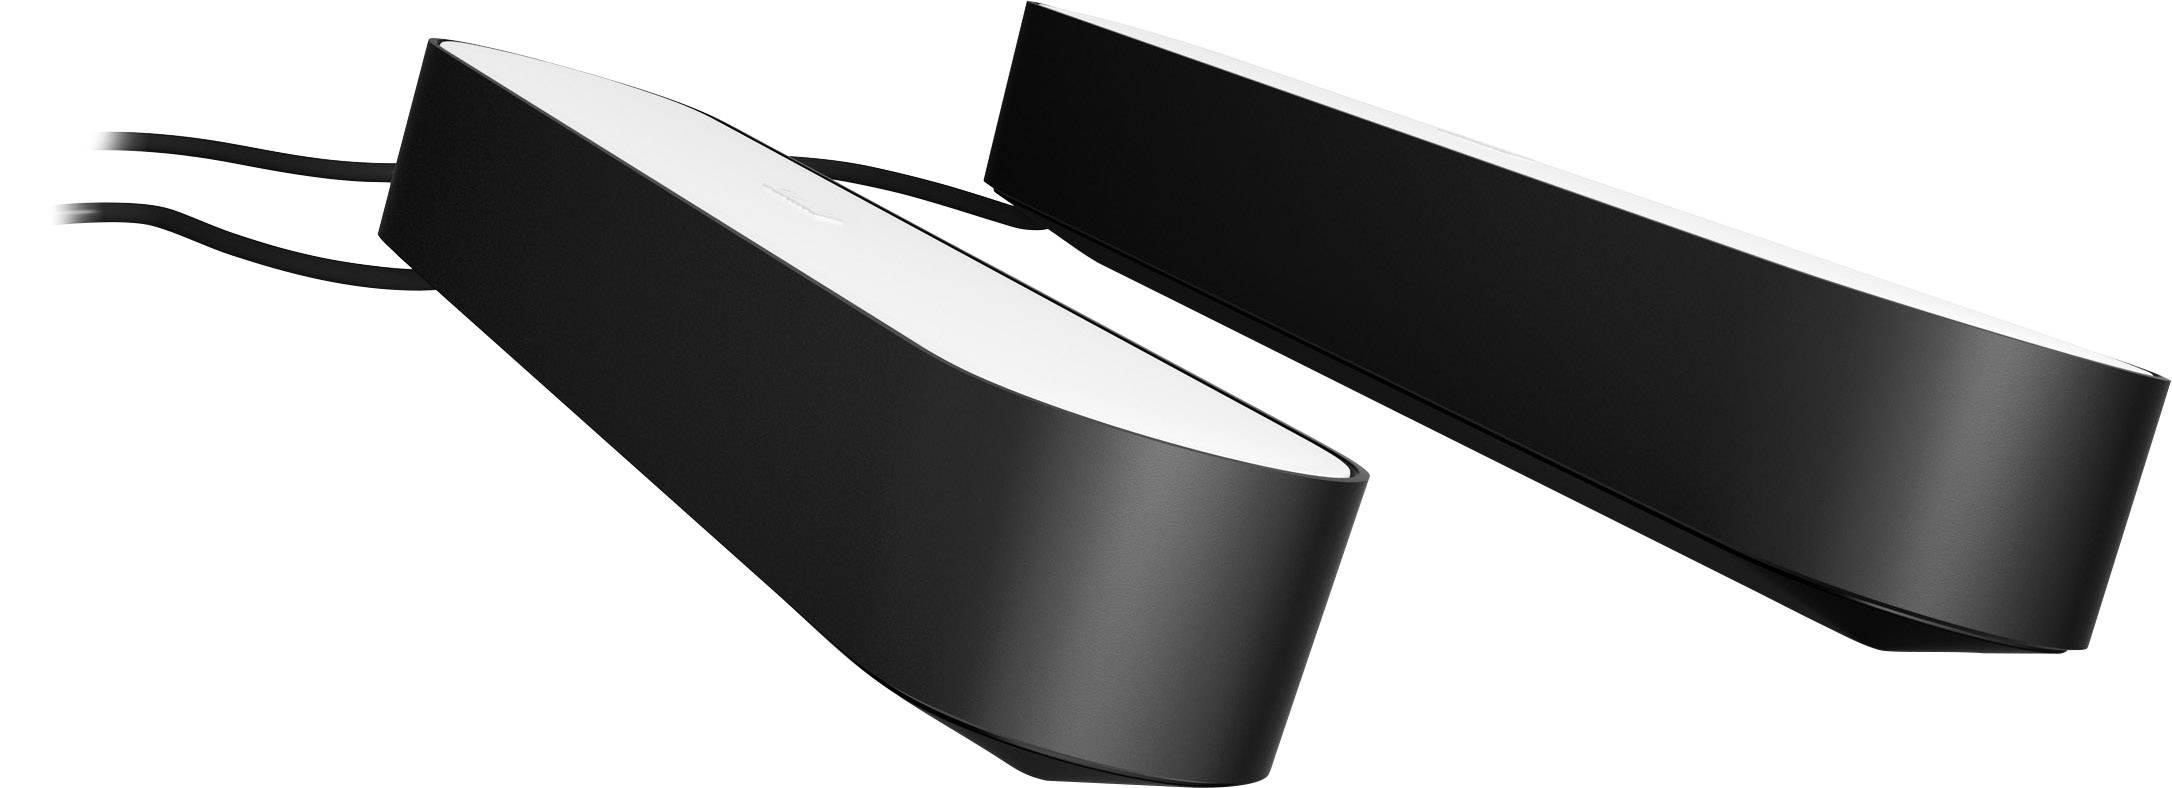 izdelek-philips-lighting-hue-led-lightbar-svetilka-osnovni-komplet-2